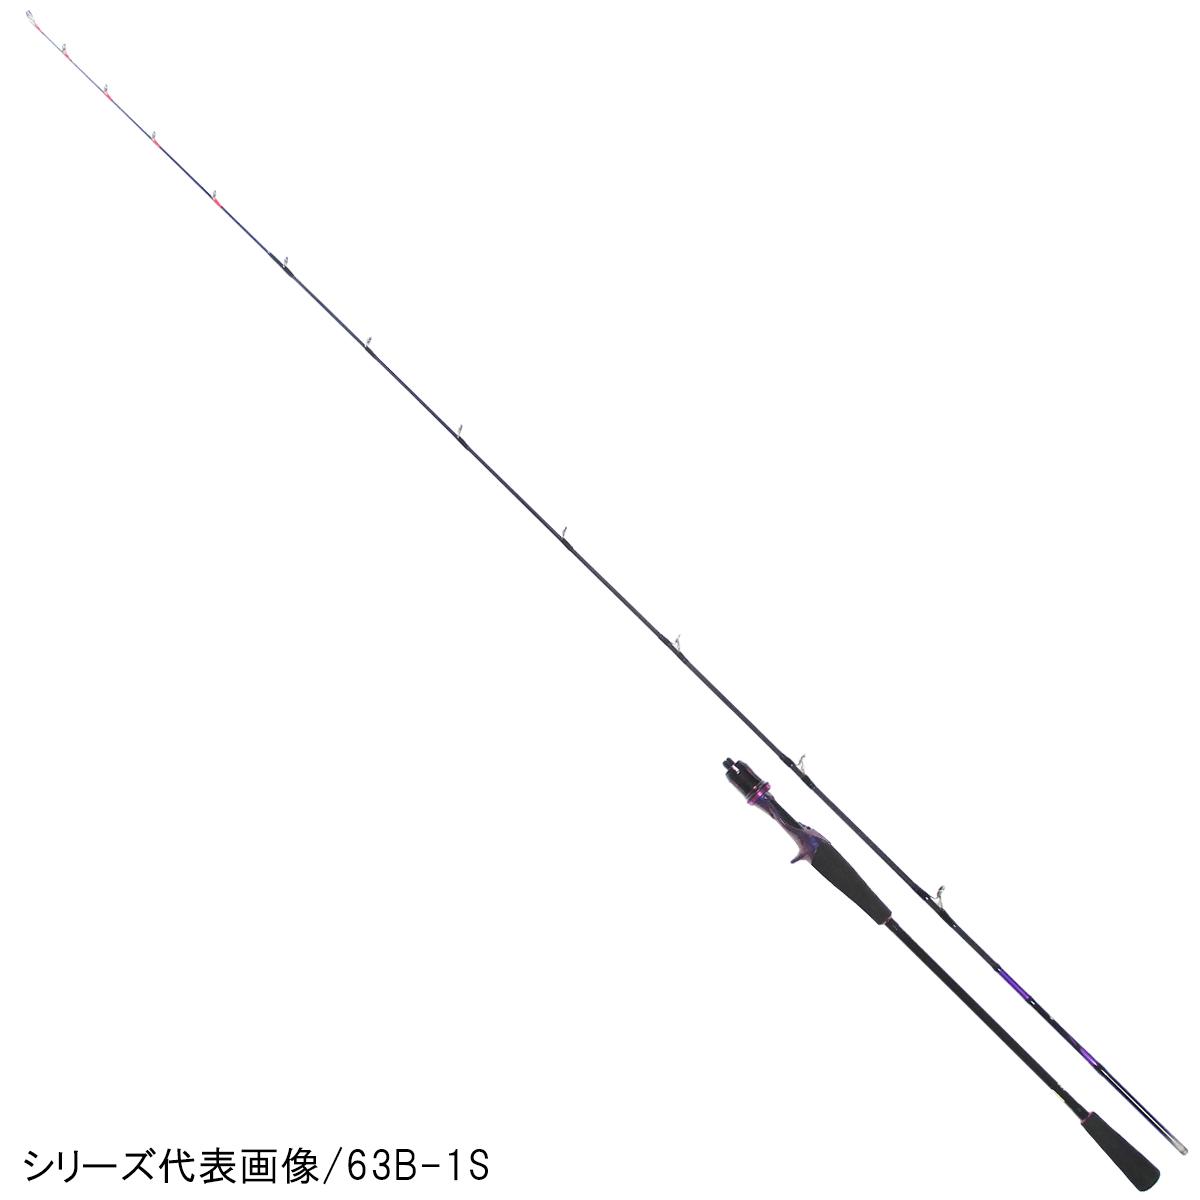 ダイワ 鏡牙 AIR 63B-3S(東日本店)